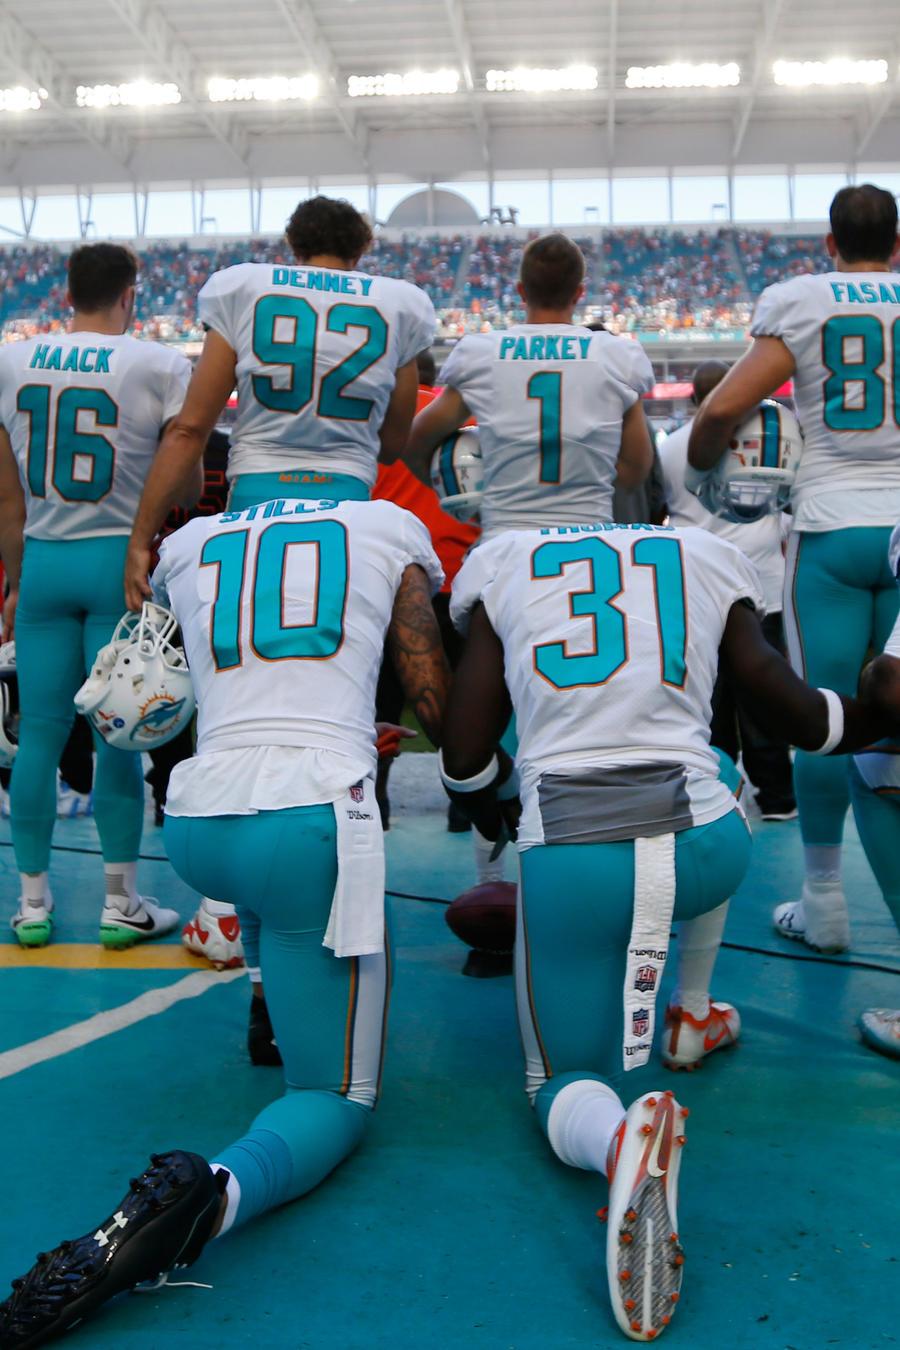 Jugadores de la NFL arrodillados mientras suena el himno nacional de EEUU